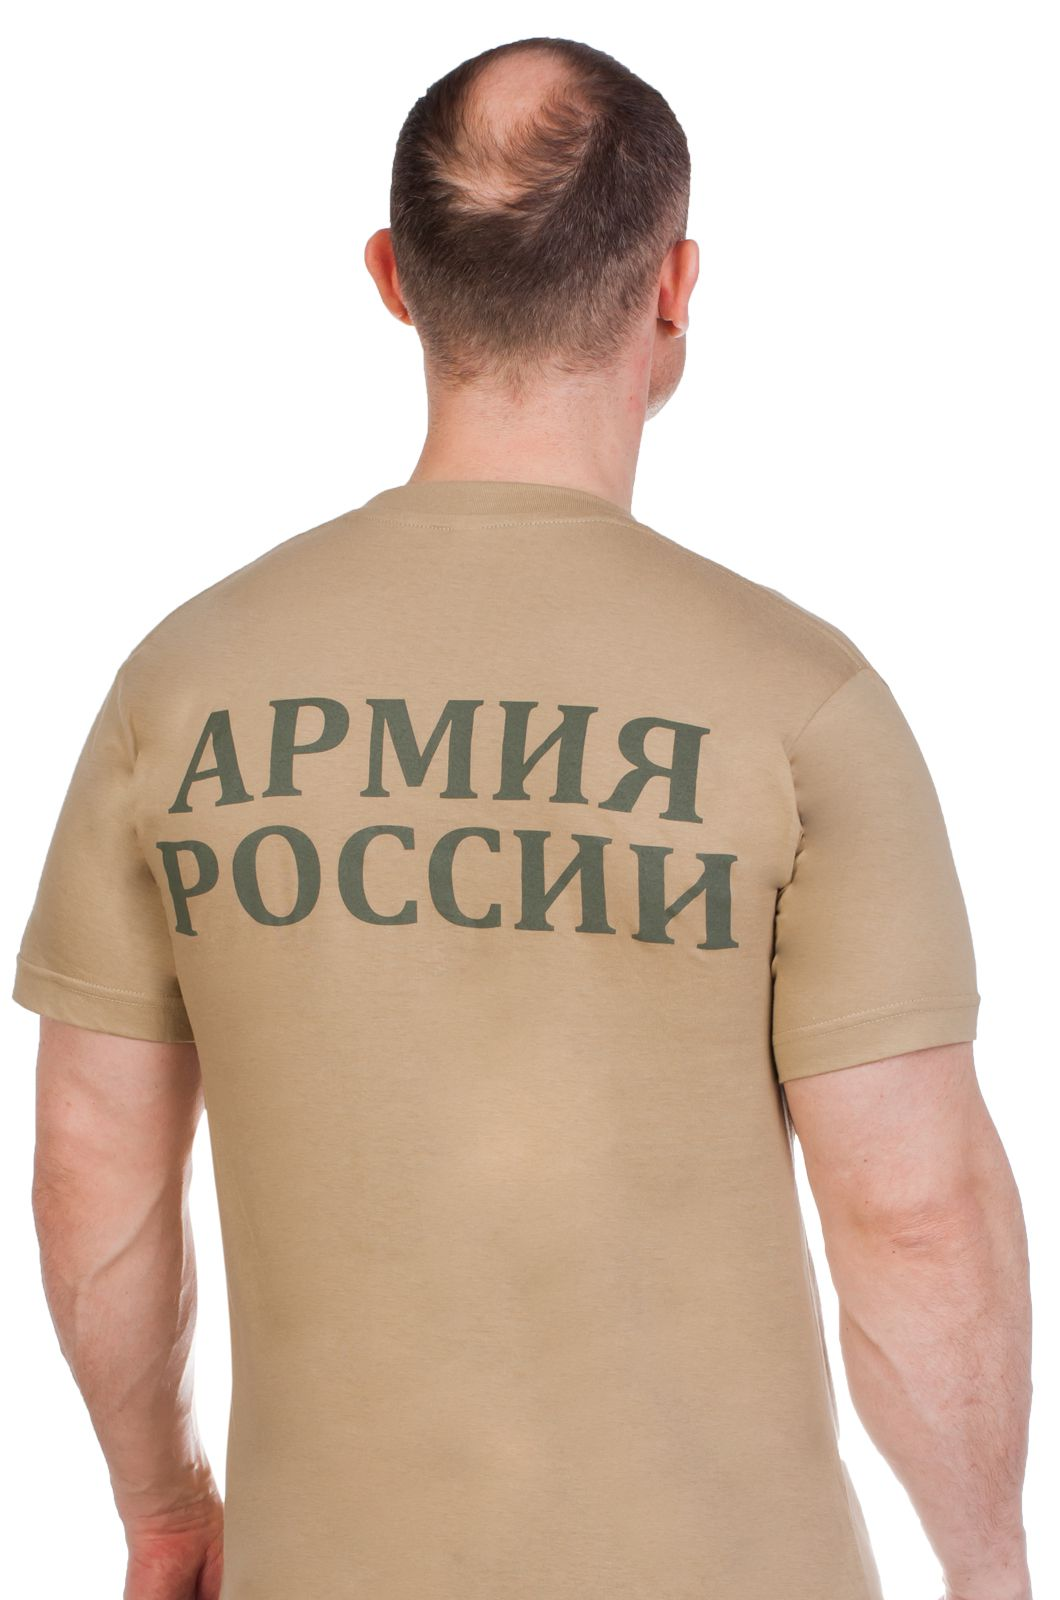 Футболка с тематикой Армия России по символической цене